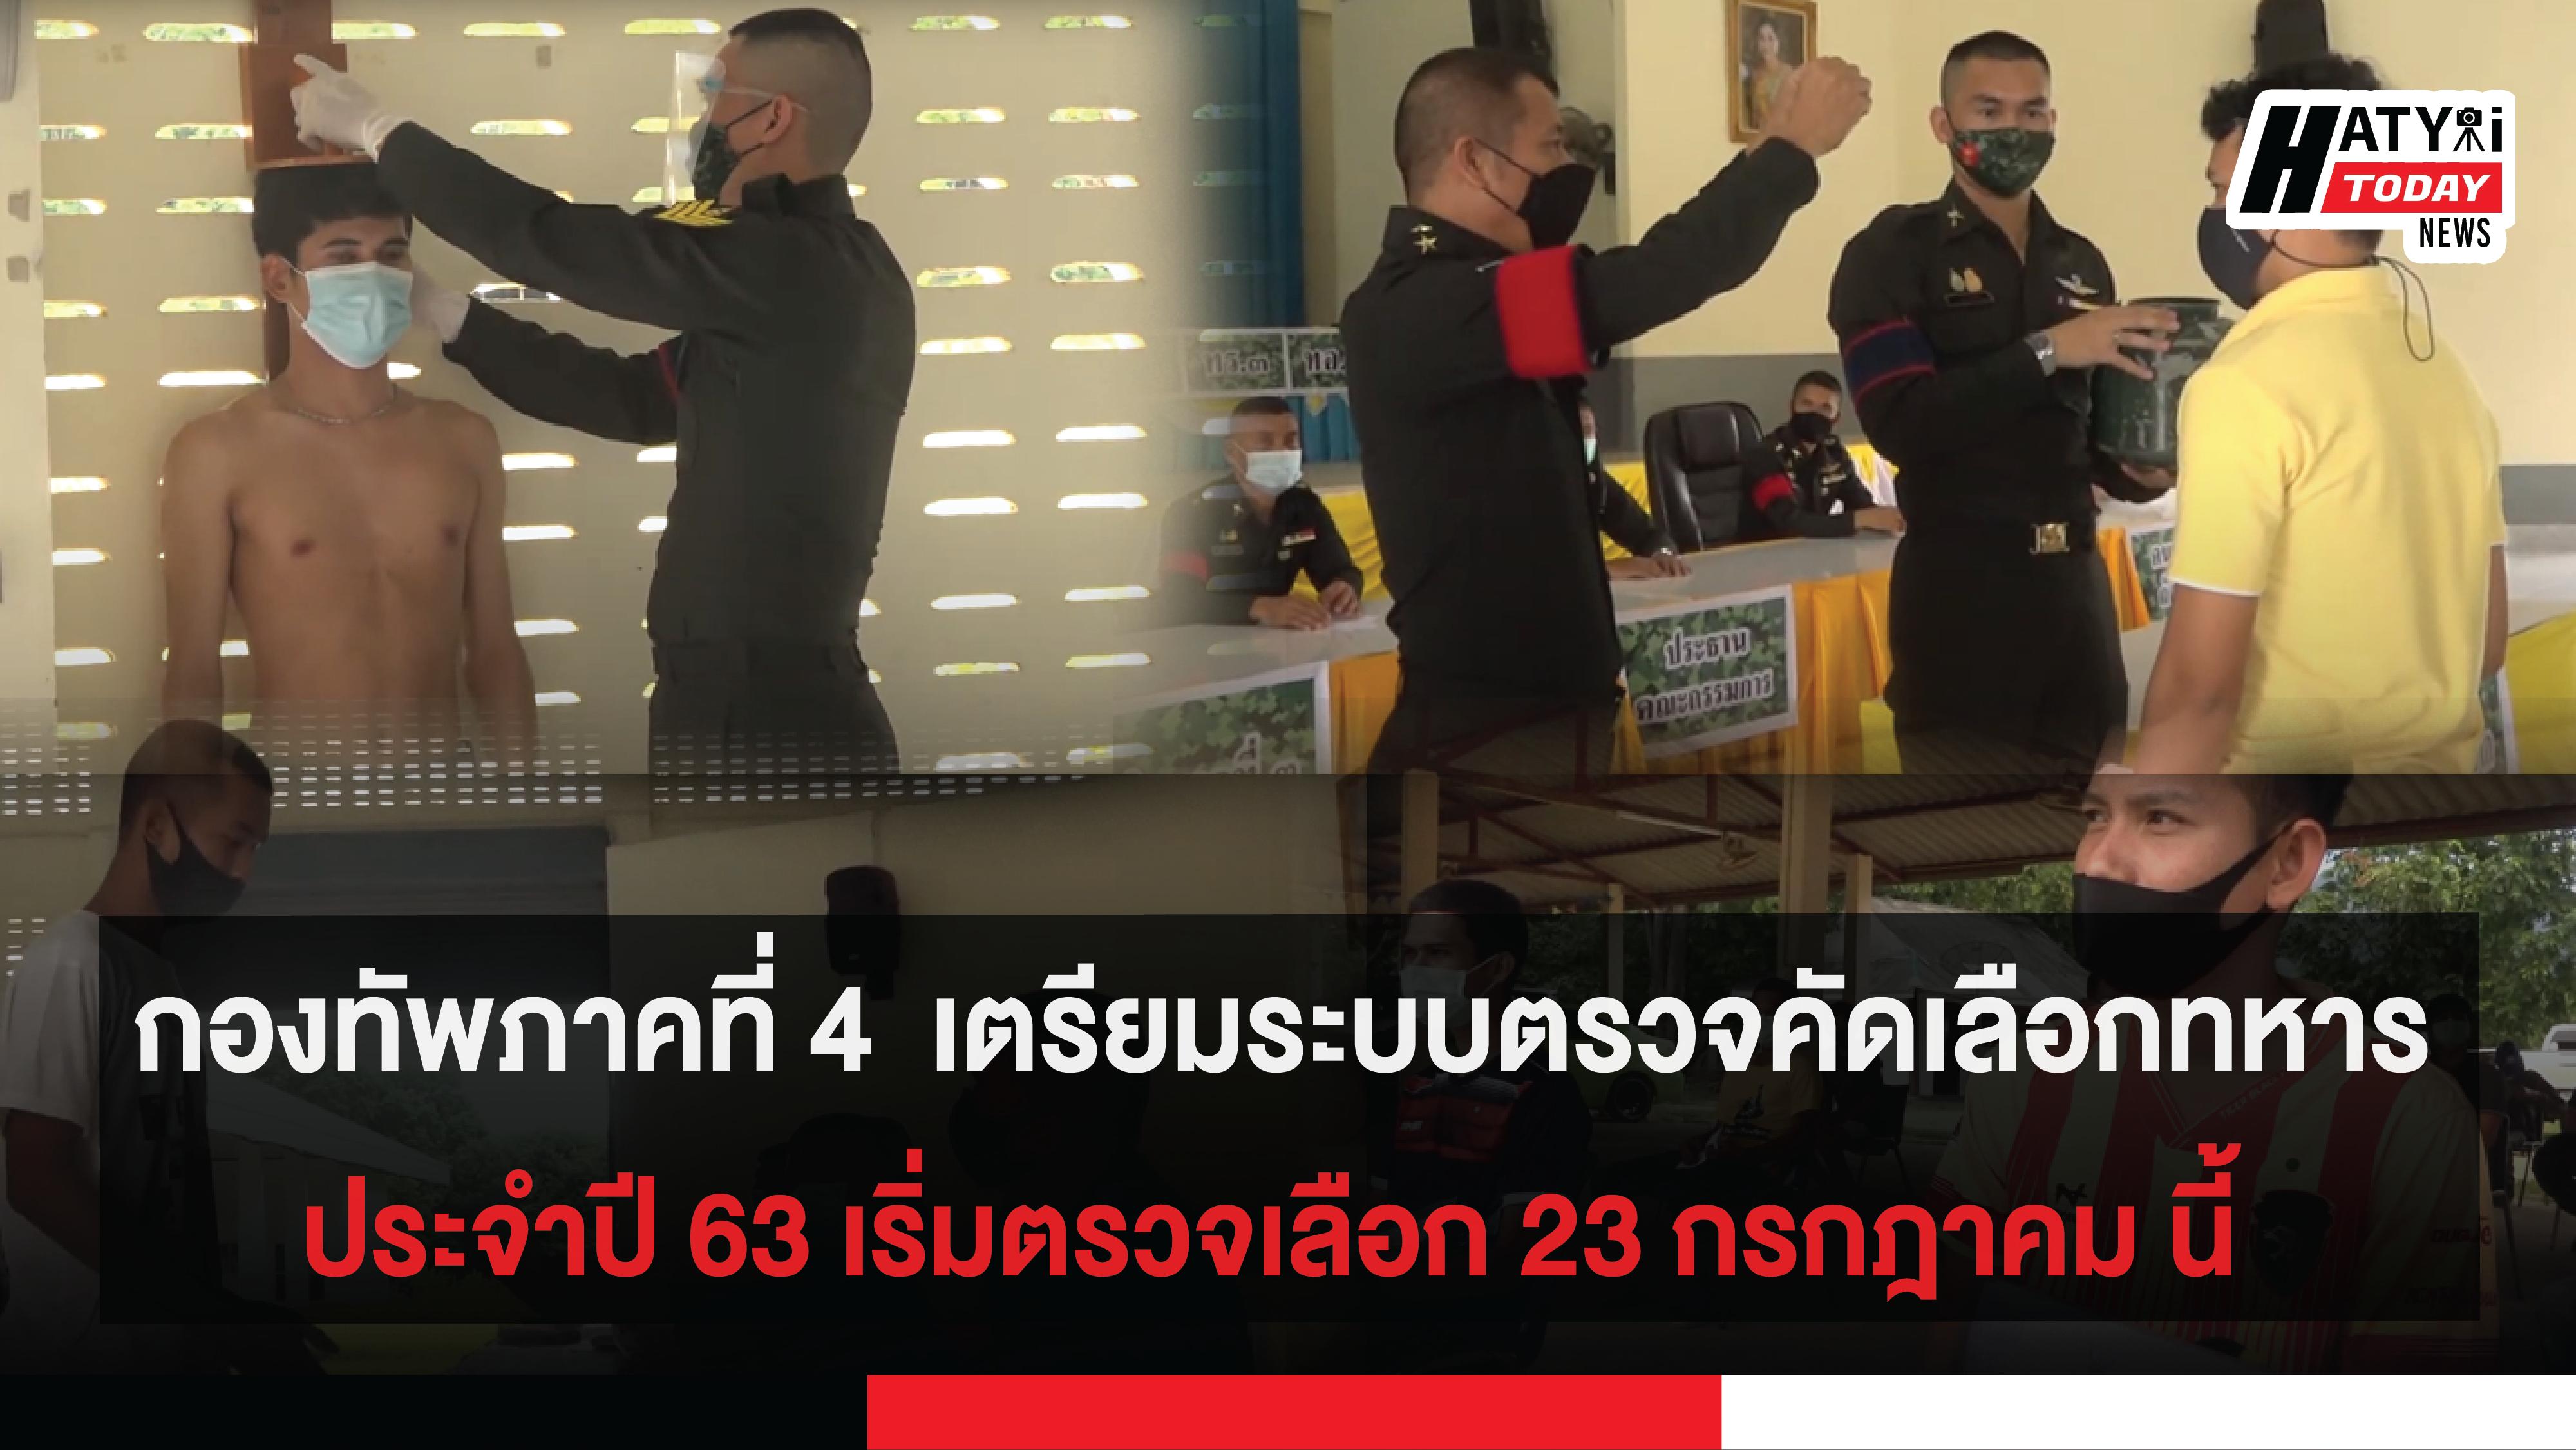 กองทัพภาคที่ 4  ซักซ้อมระบบตรวจคัดเลือกทหารประจำปี 63 ป้องกัน COVID-19 เริ่มตรวจเลือก 23 กรกฎาคม นี้